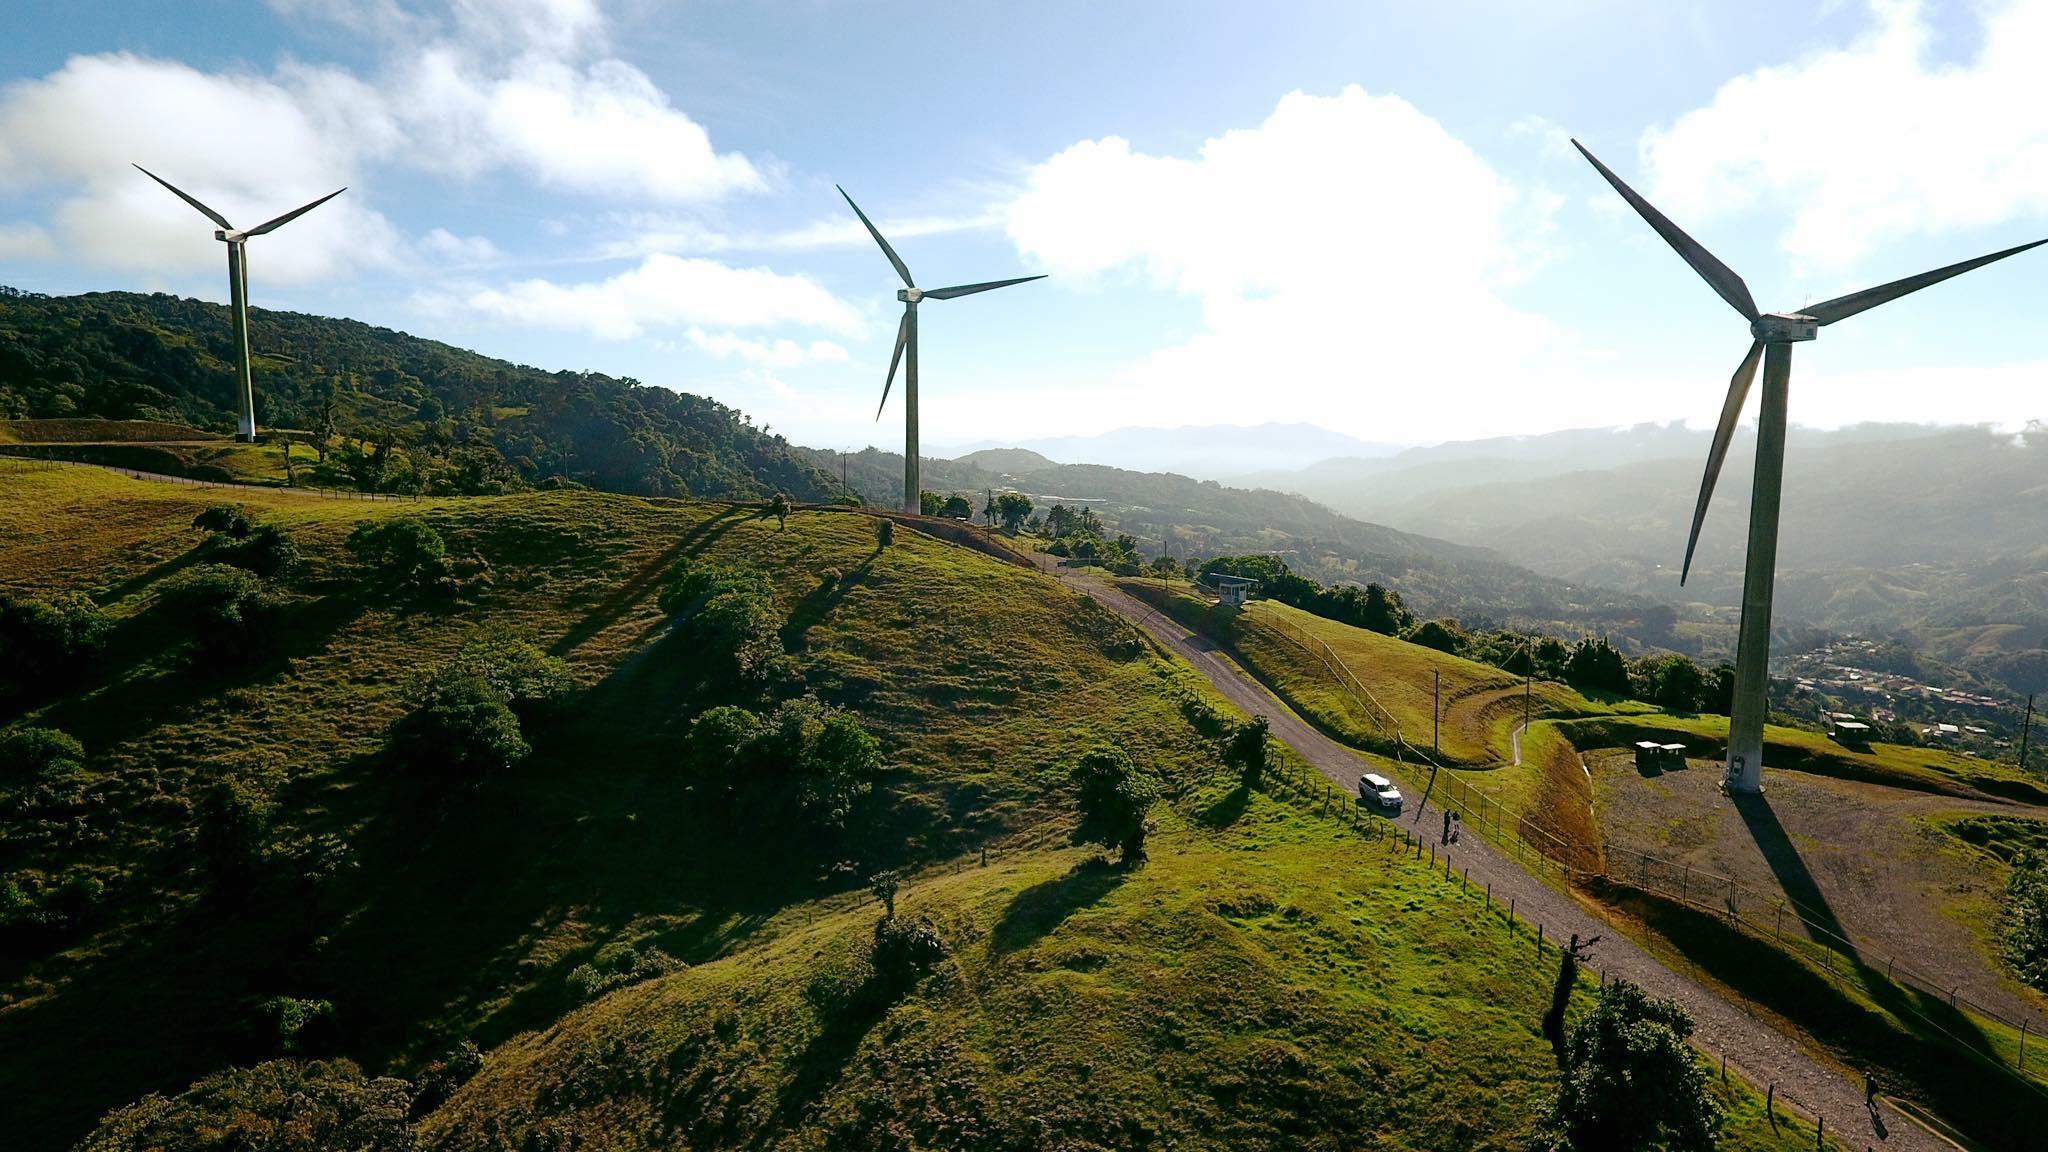 Cerro de Hula, parque eólico cerca de Tegucigalpa